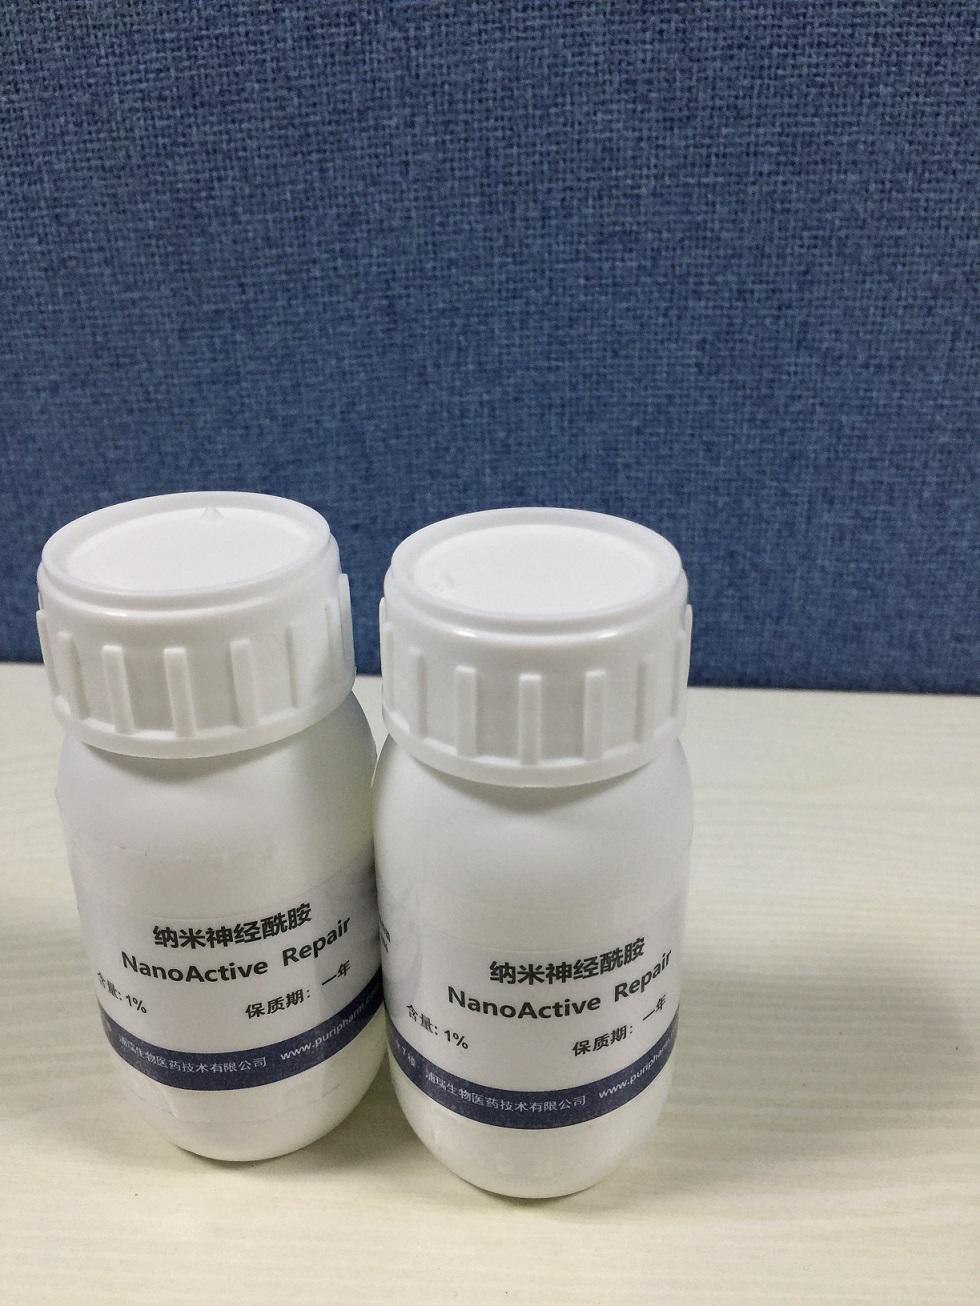 水溶、透明纳米神经酰胺化妆品原料